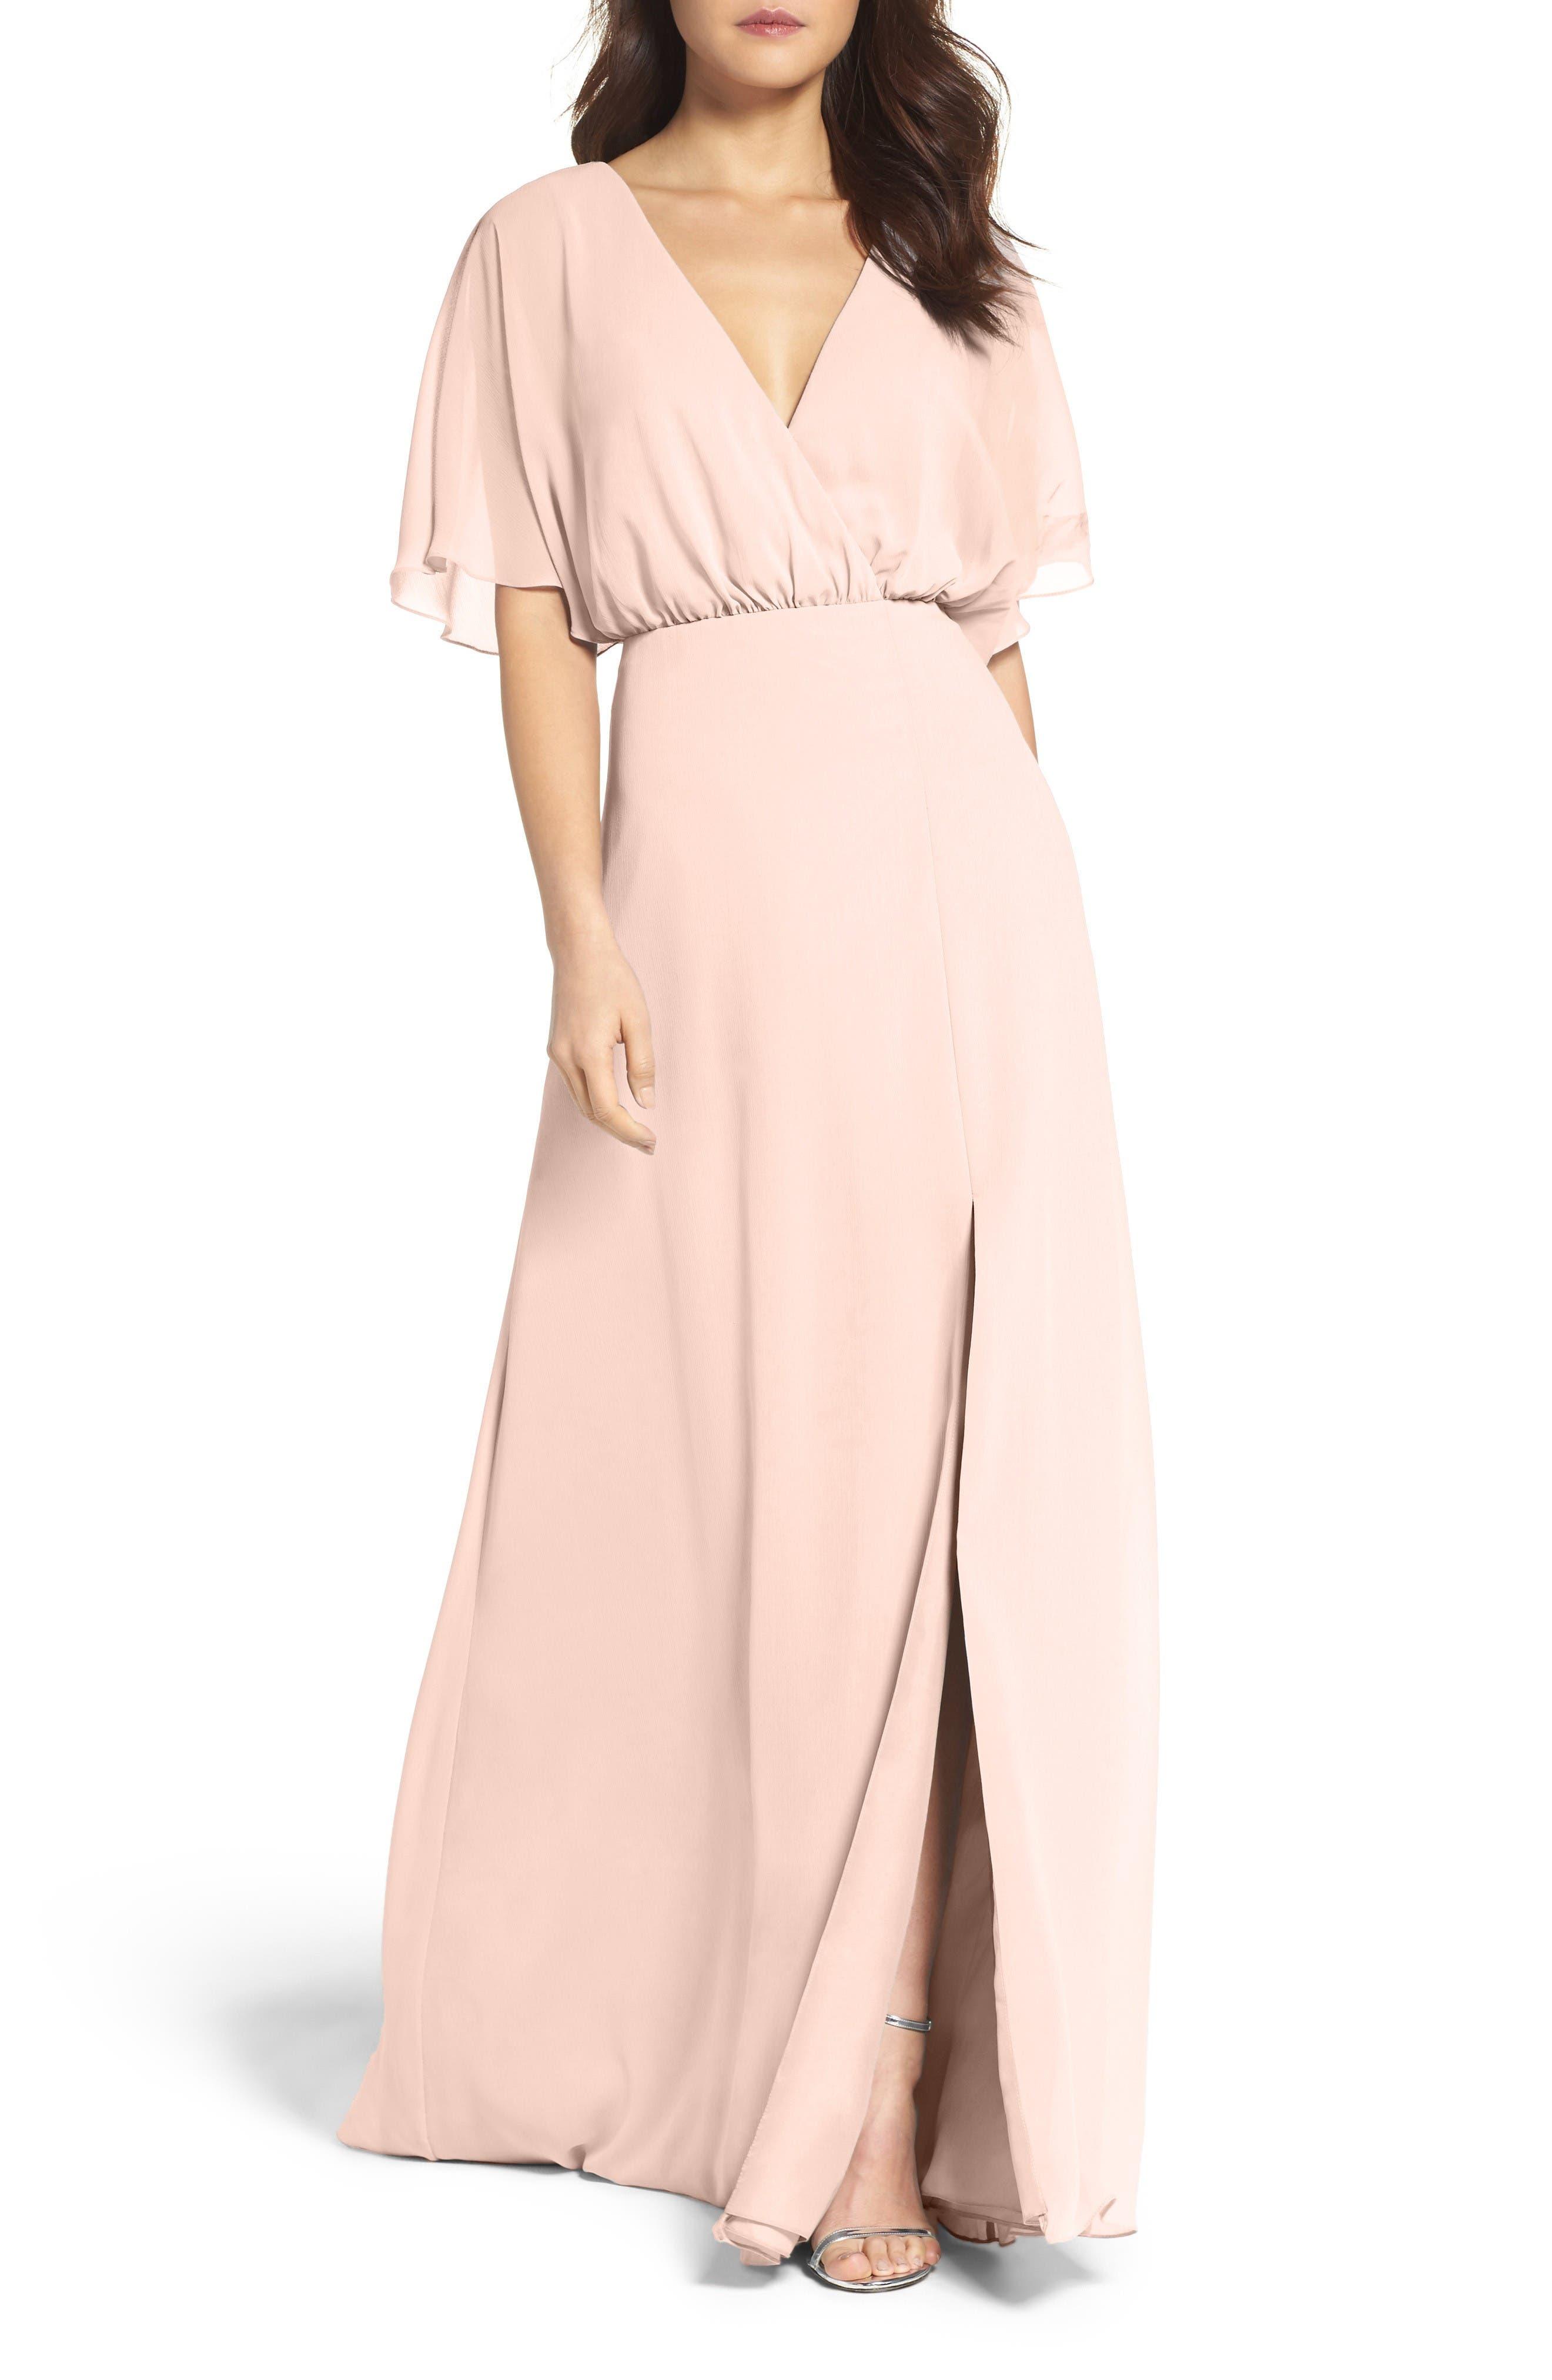 Watters Lottie A-Line Chiffon Gown